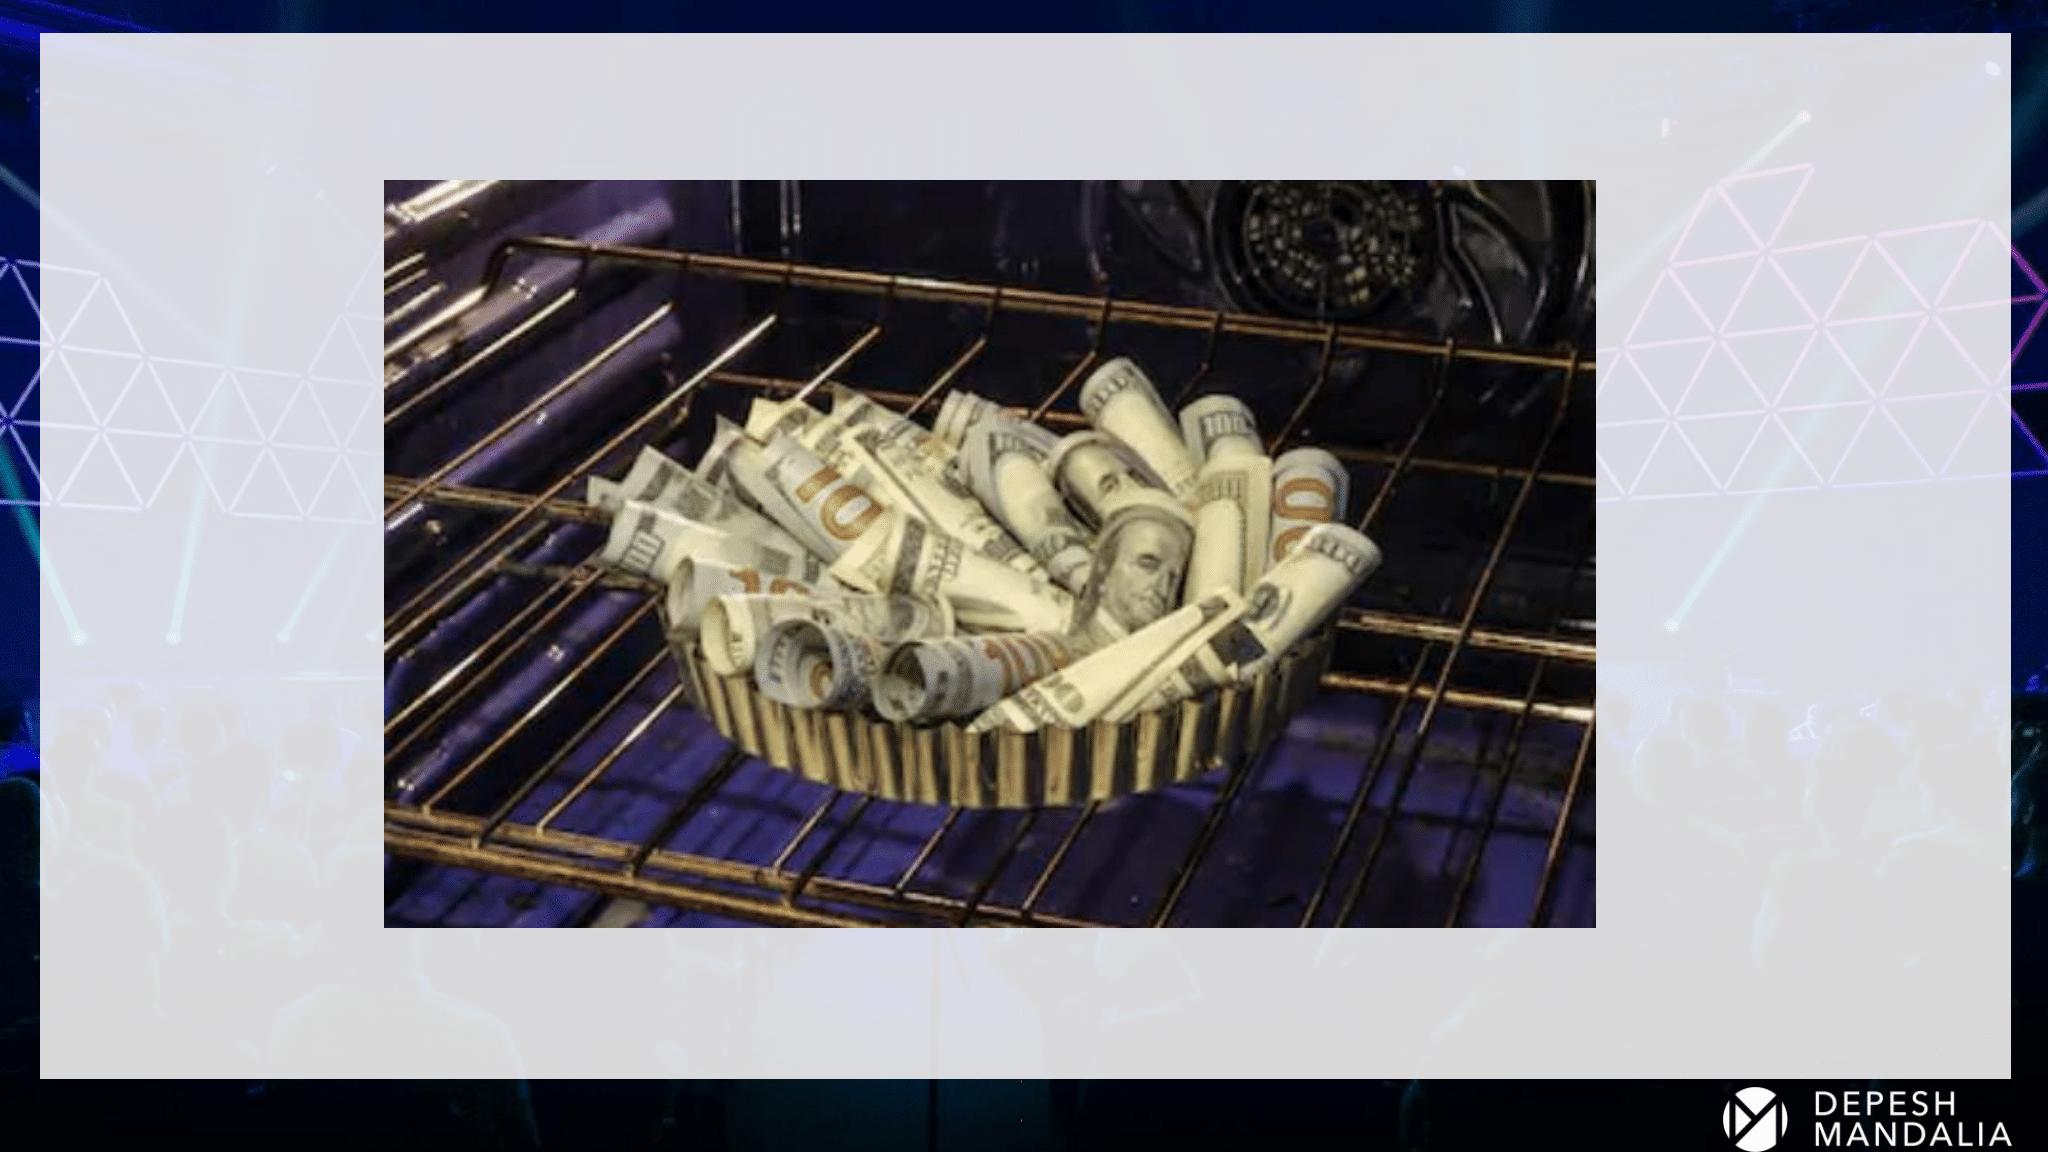 Depesh Mandalia – Bake A Cake